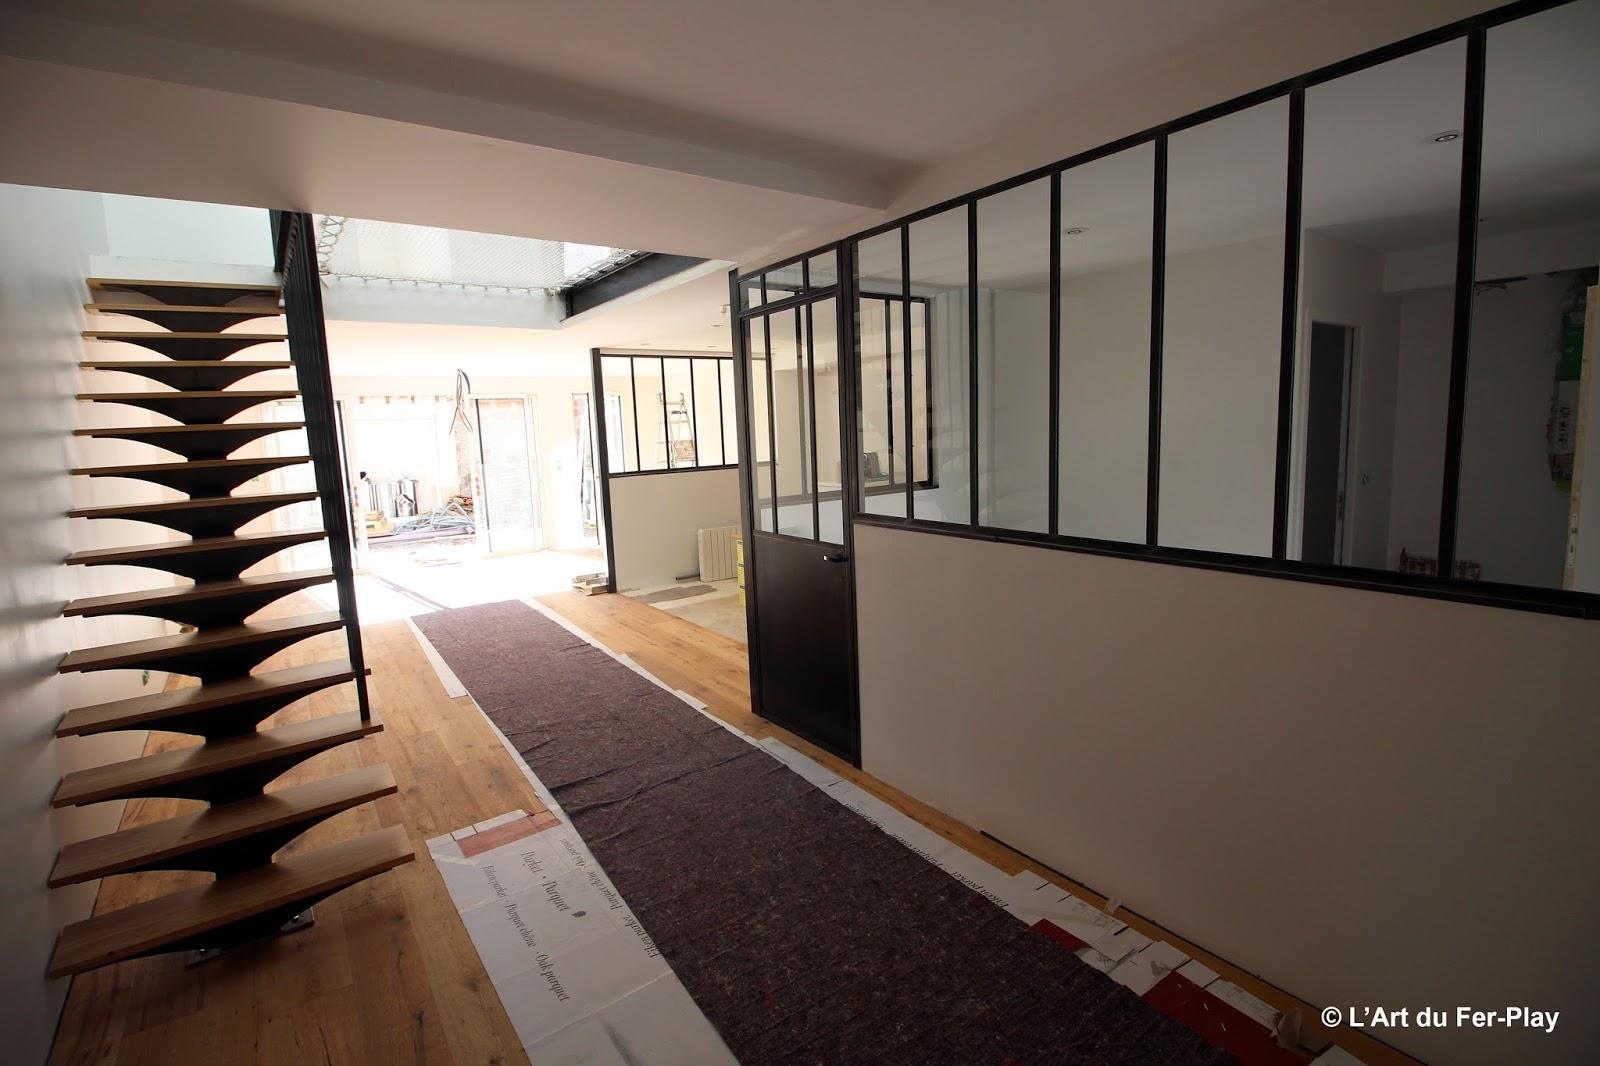 ferronnerie m tallerie serrurerie 79 deux s vres l 39 art du fer play verri re d 39 int rieur et. Black Bedroom Furniture Sets. Home Design Ideas